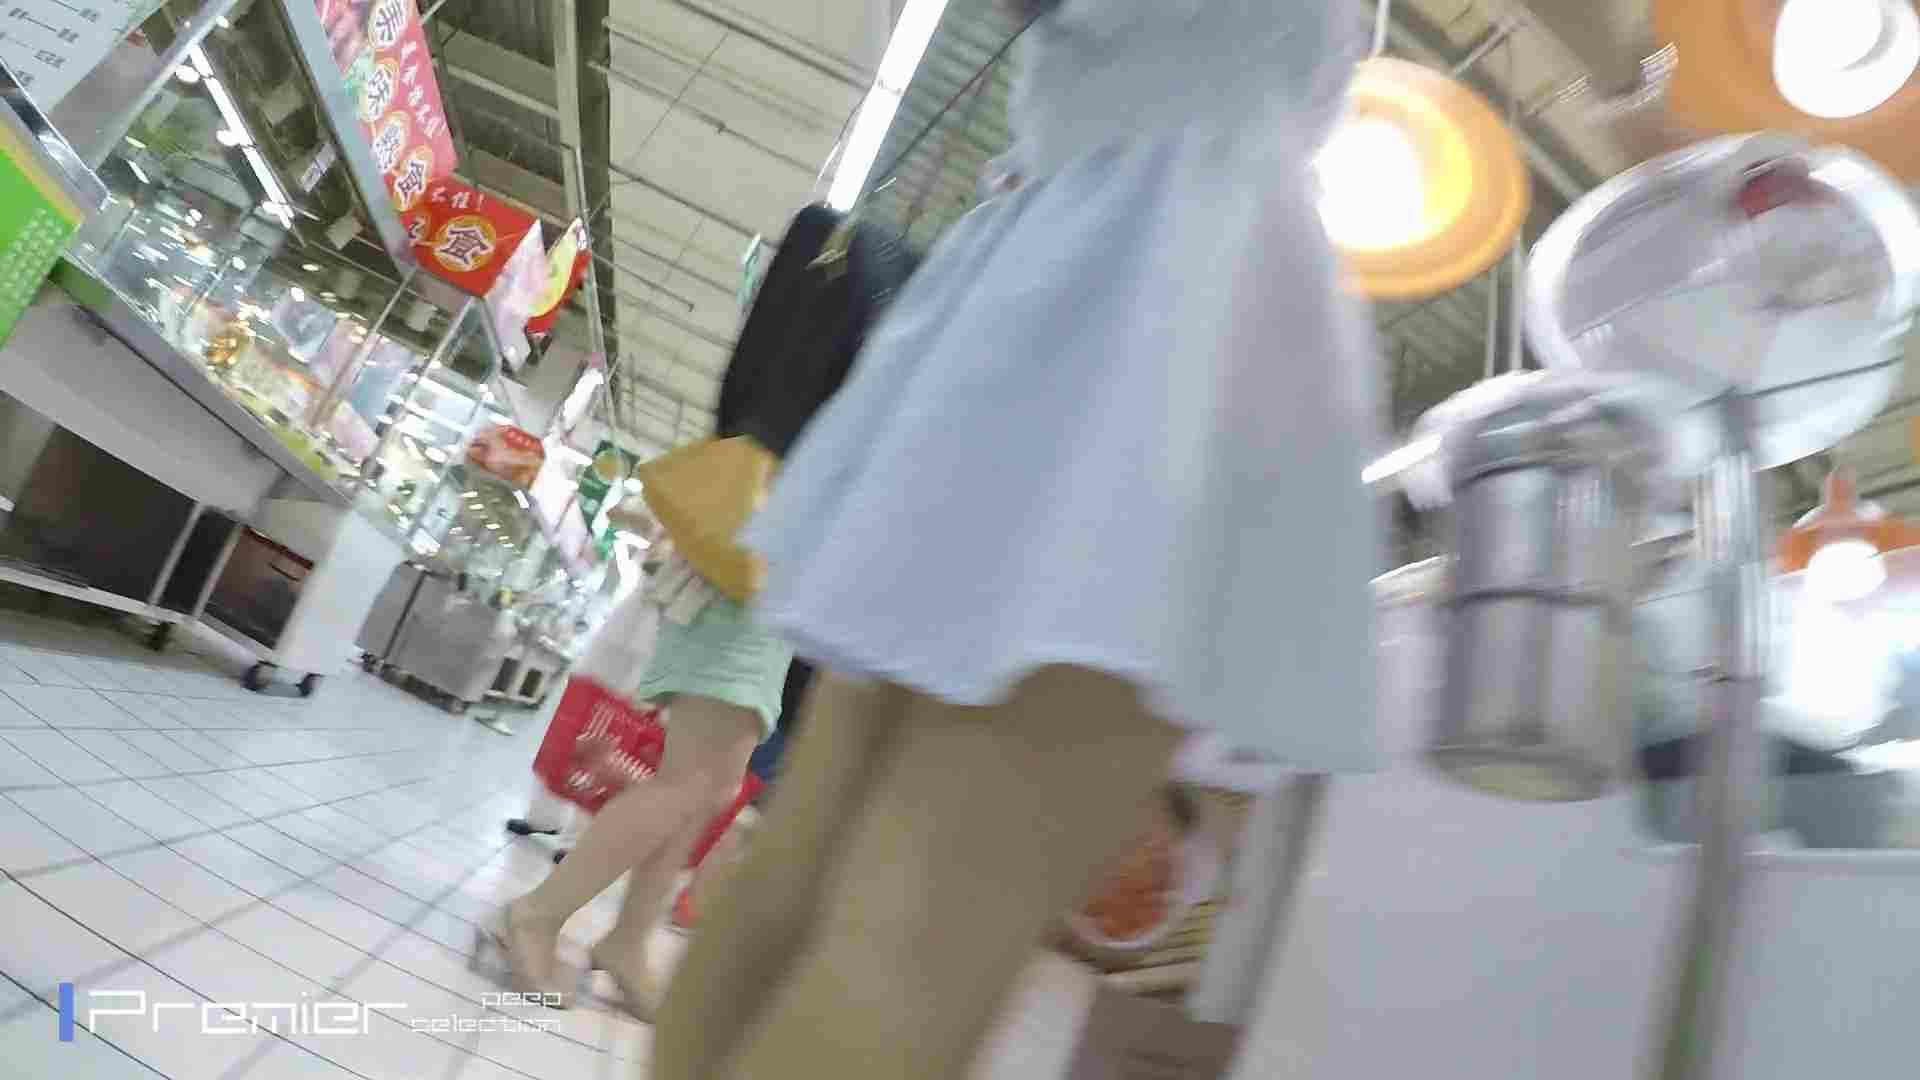 お嬢様風の乙女 食い込む黒パン 美女の下半身を粘着撮り! Vol.02 エロいお嬢様 えろ無修正画像 94画像 34